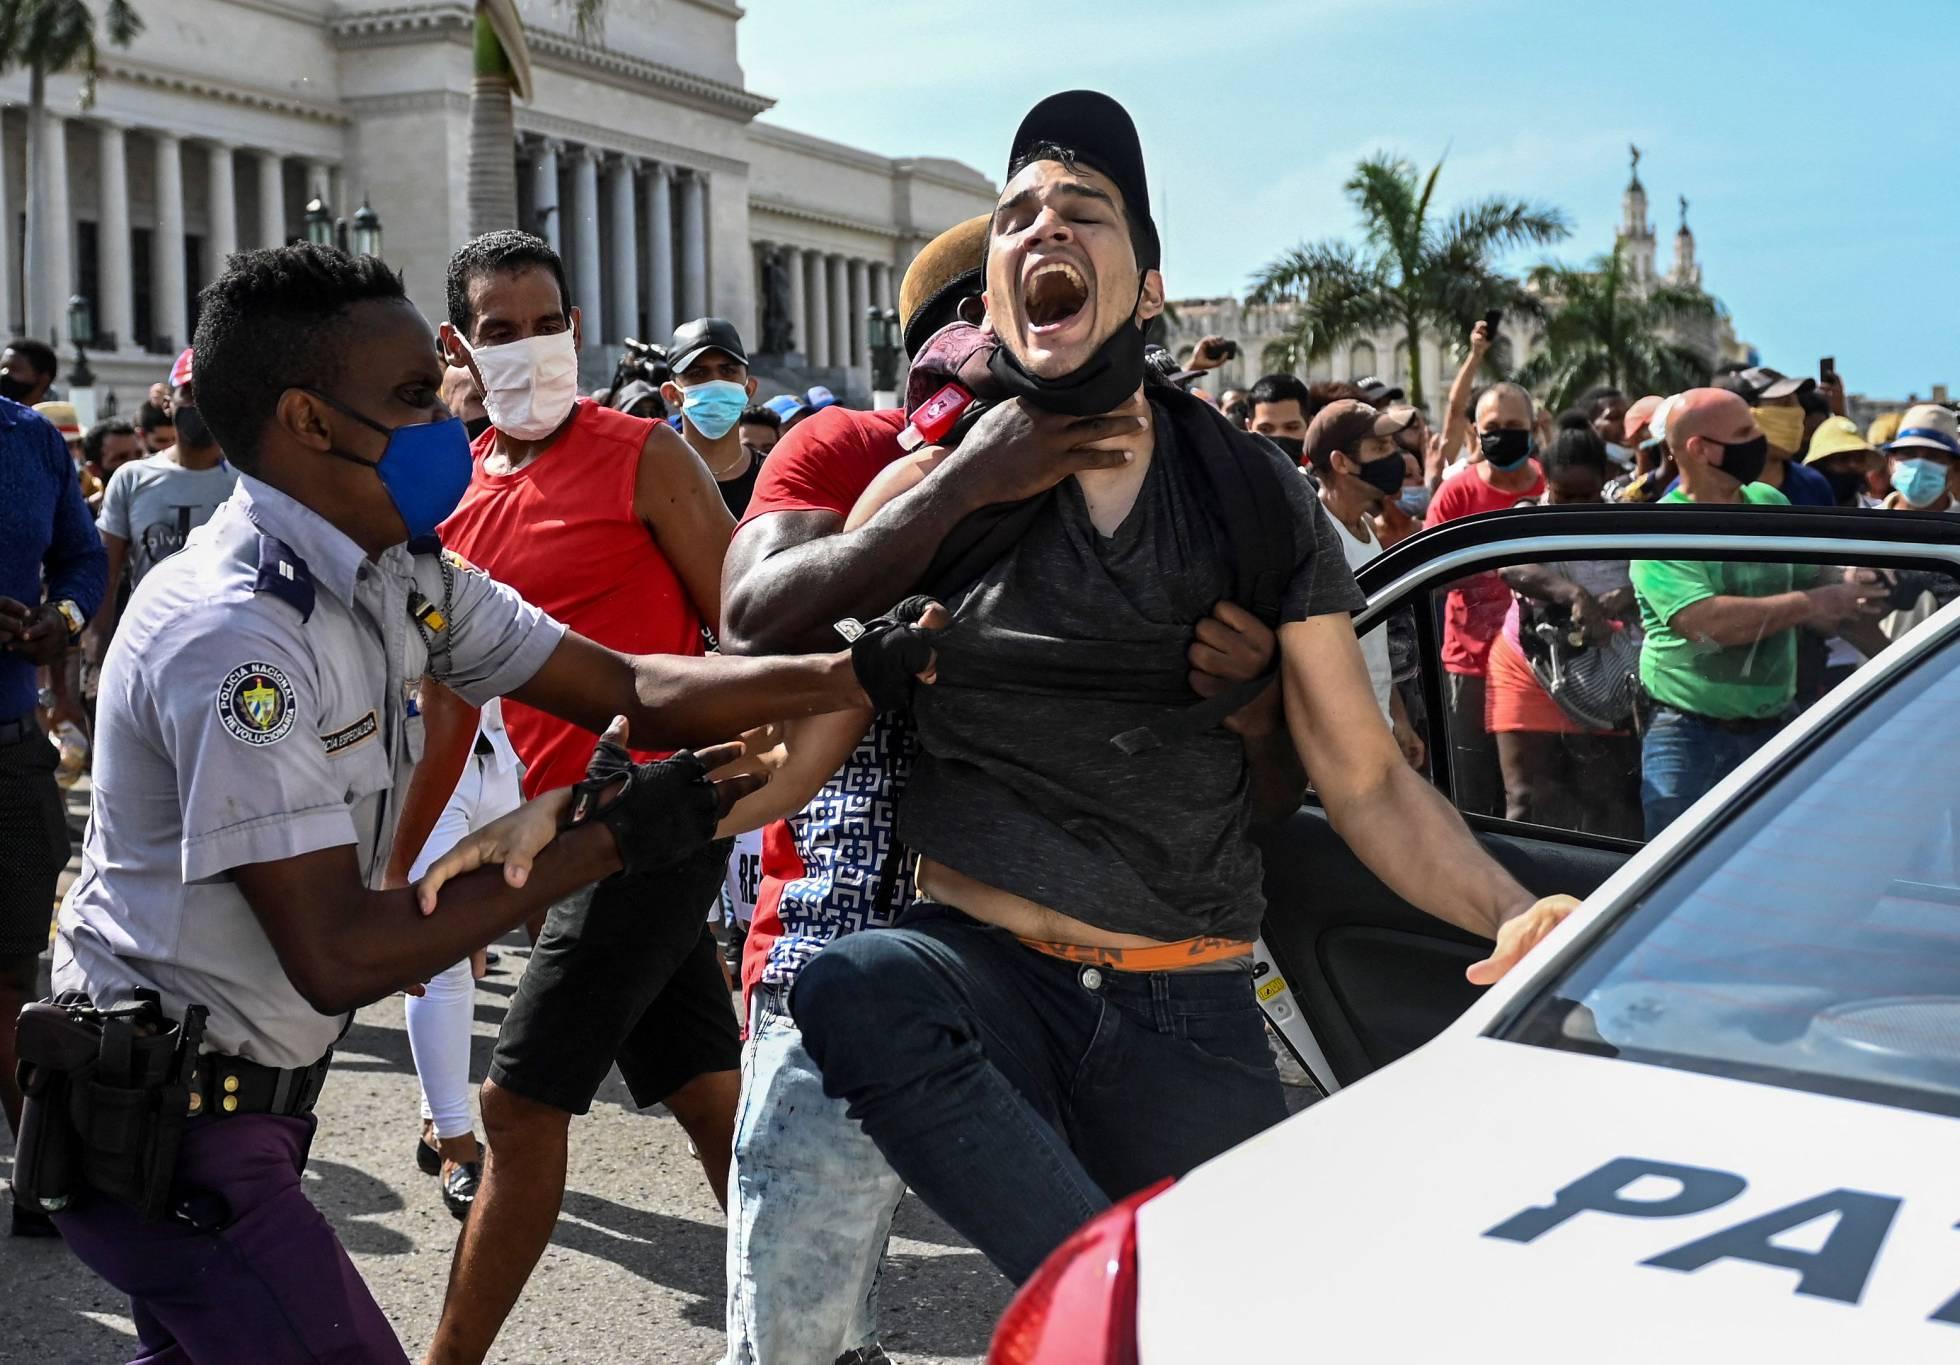 Capitalismo en Cuba, privatizaciones, economía estatal, inversiones de capital internacional. - Página 13 1626056483_854034_1626056658_noticia_normal_recorte1